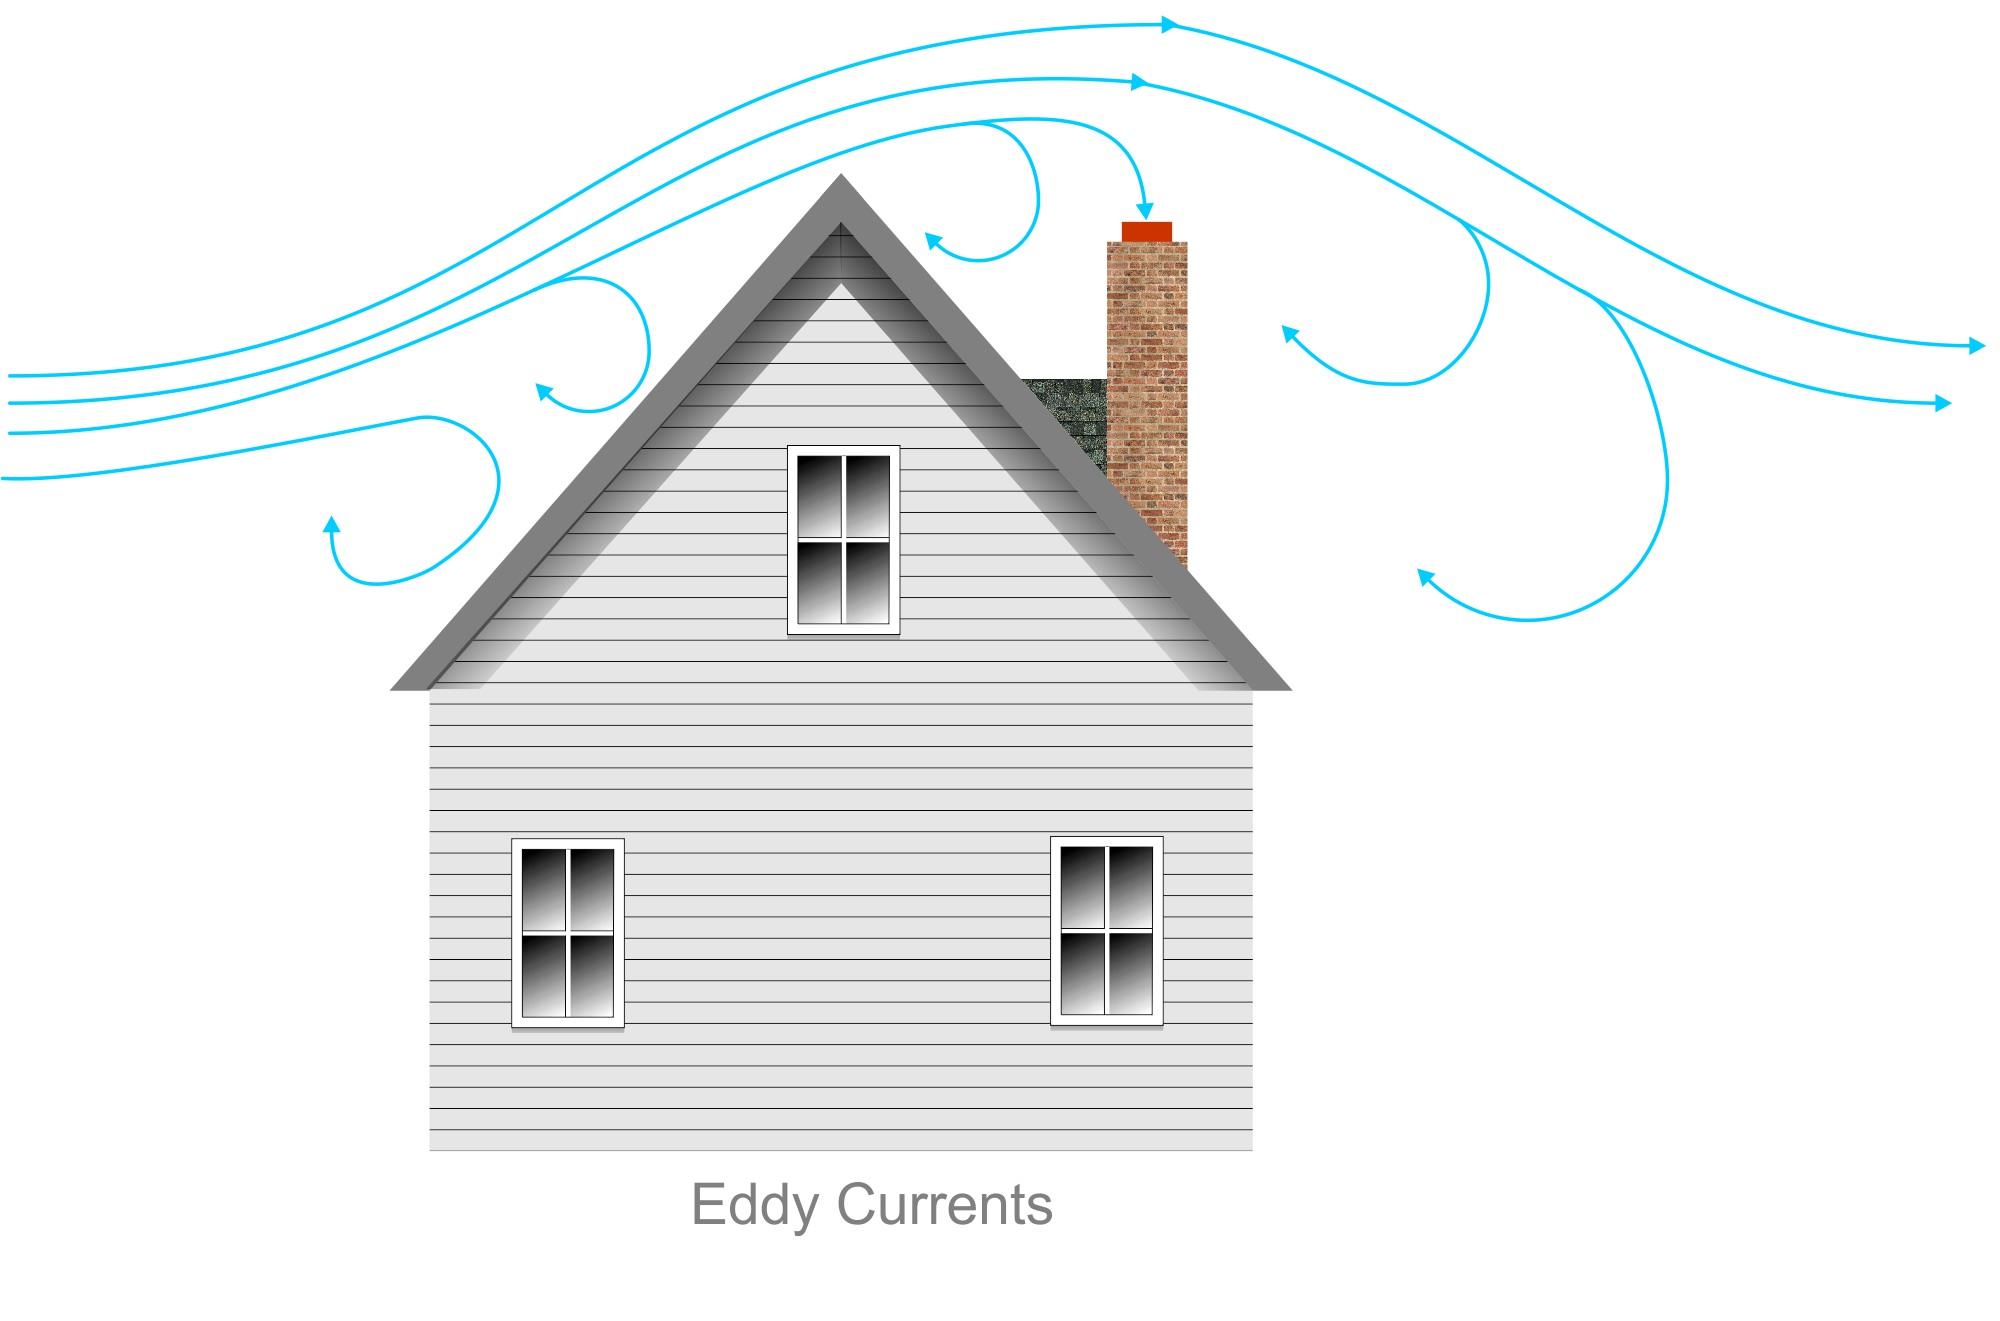 Eddy currents.